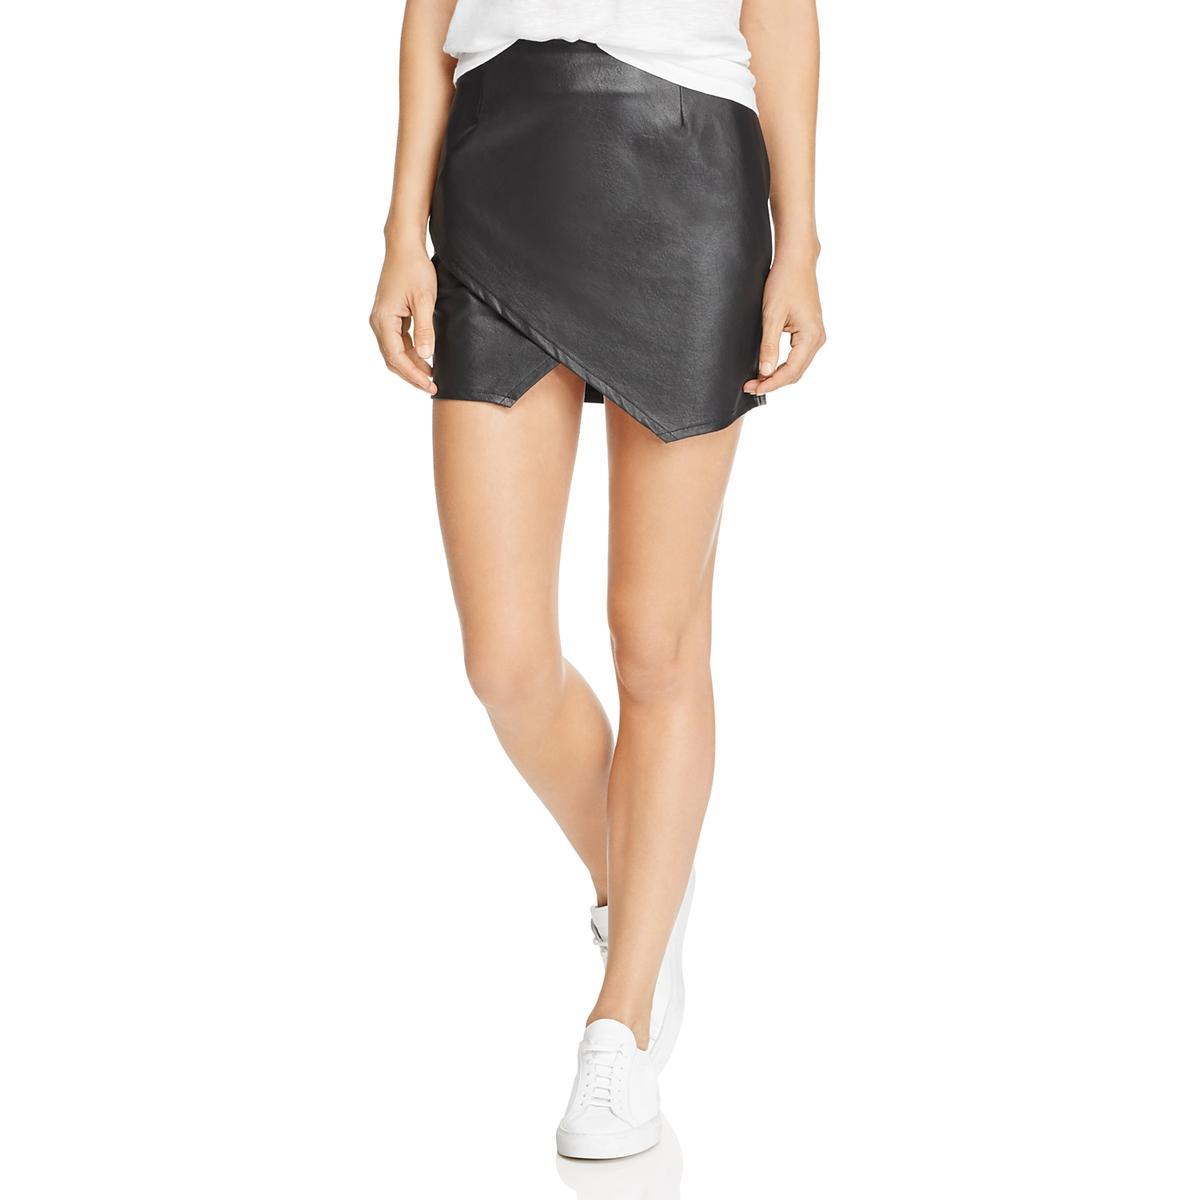 3e94484d74 Details about Splendid Womens Black Faux Leather Mini Asymmetric Wrap Skirt  M BHFO 6059